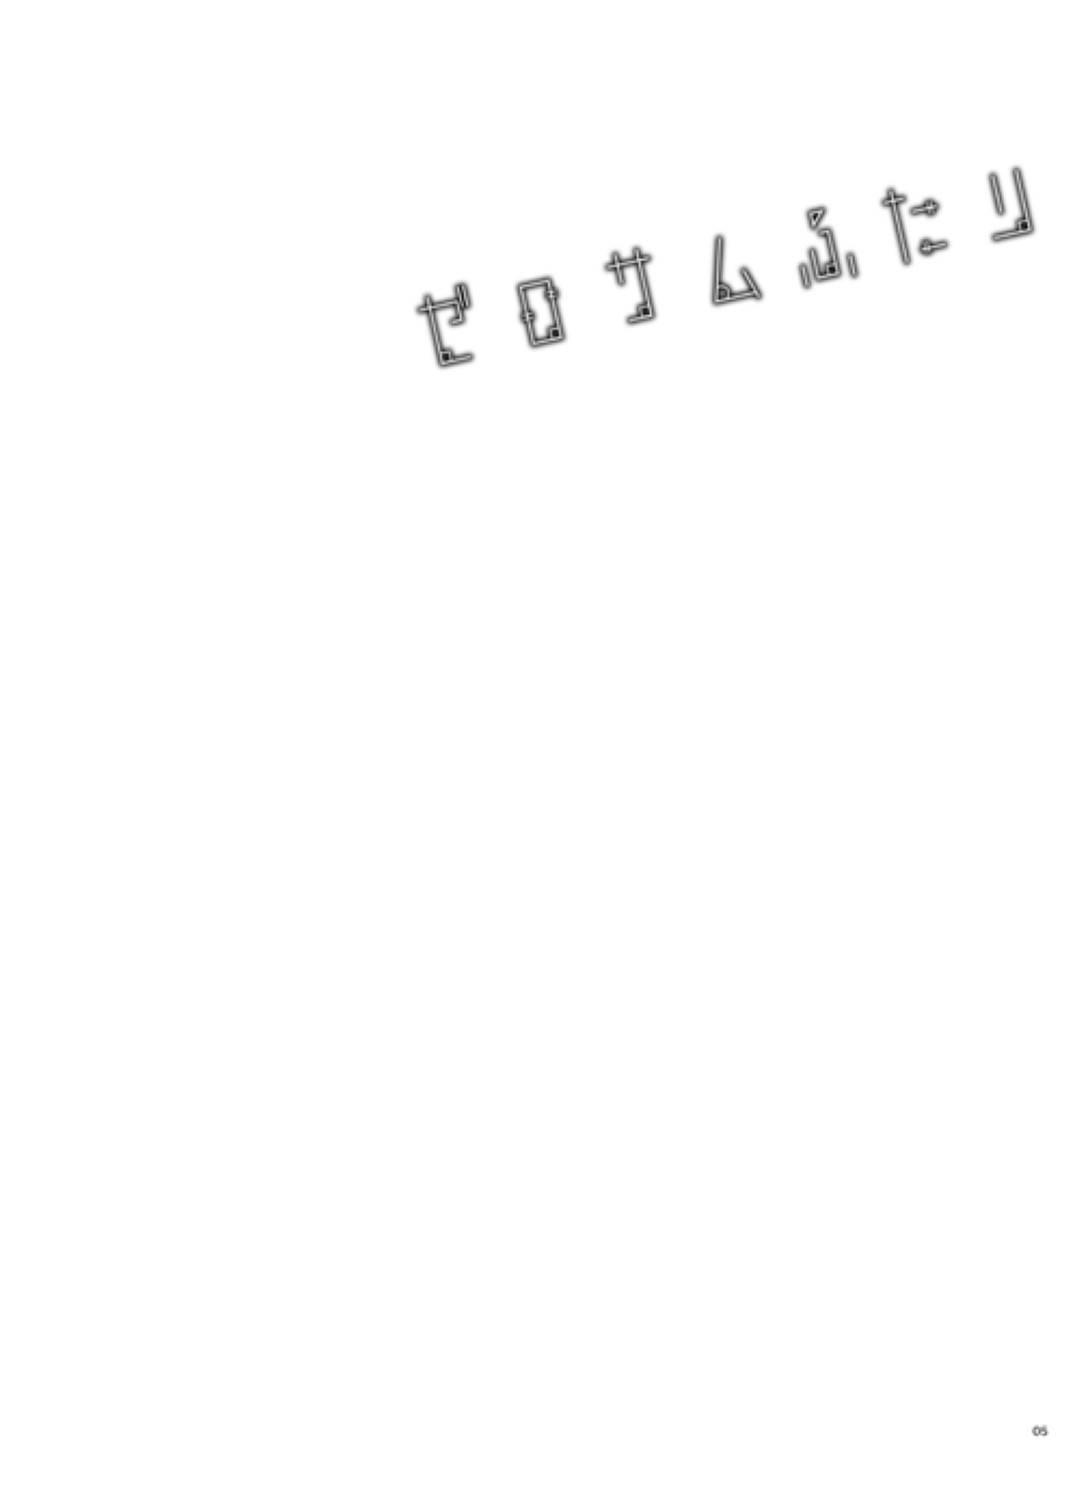 【エロ同人誌】幼馴染のSっ気美少女に身体を求められて断れないドM美少女JK…手マンやディープキスで濡れまくりイチャラブ百合プレイでマゾイキしてしまう【沈黙の放課後:ゼロサムふたり】